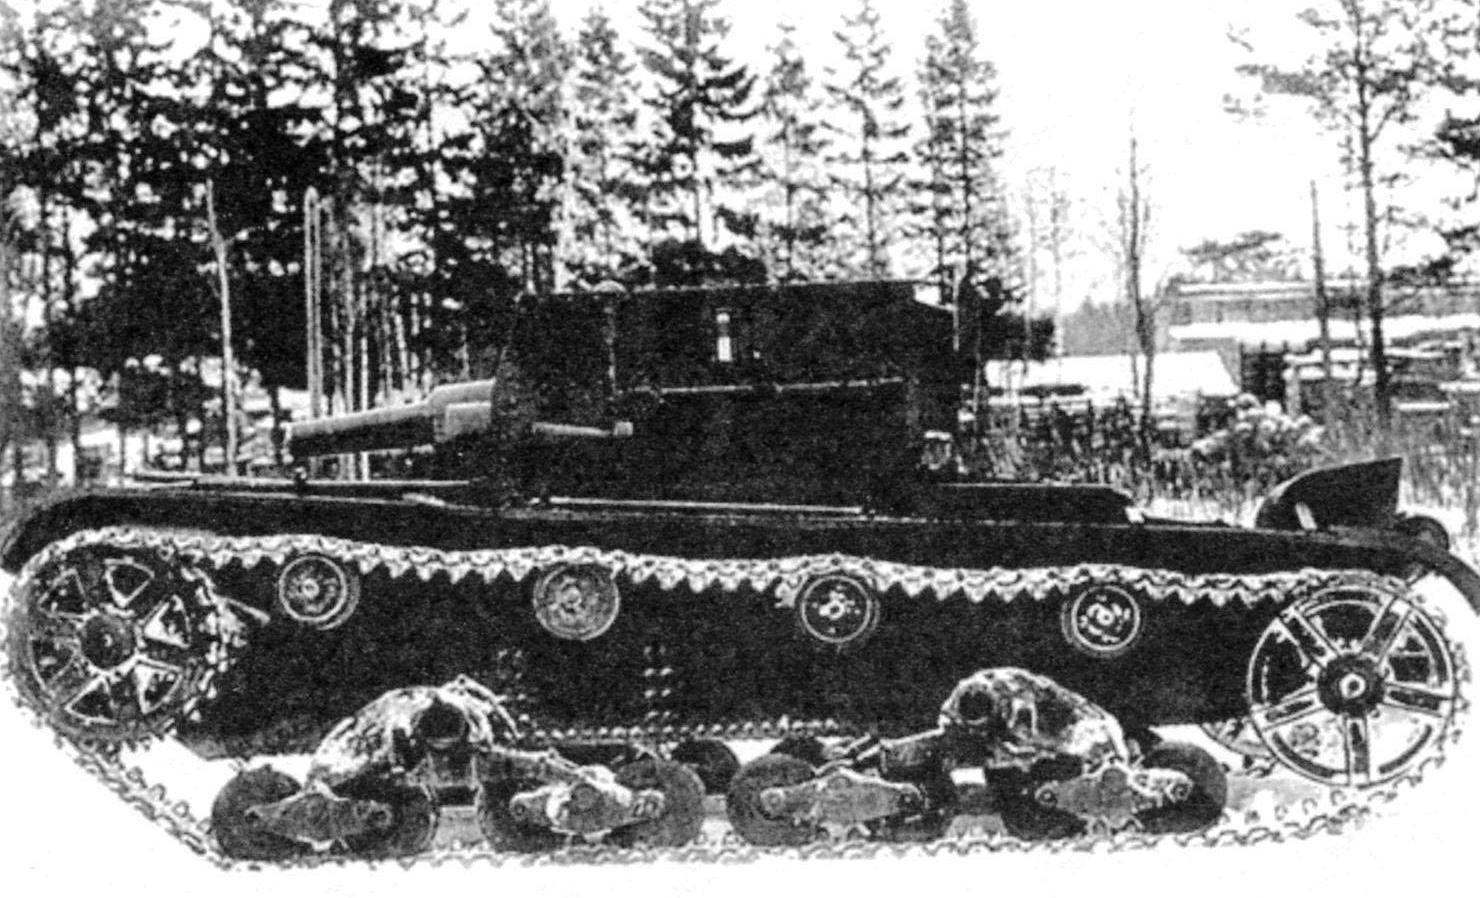 Артиллерийский танк АТ-1 на полигонных испытаниях. Зима 1935 г.